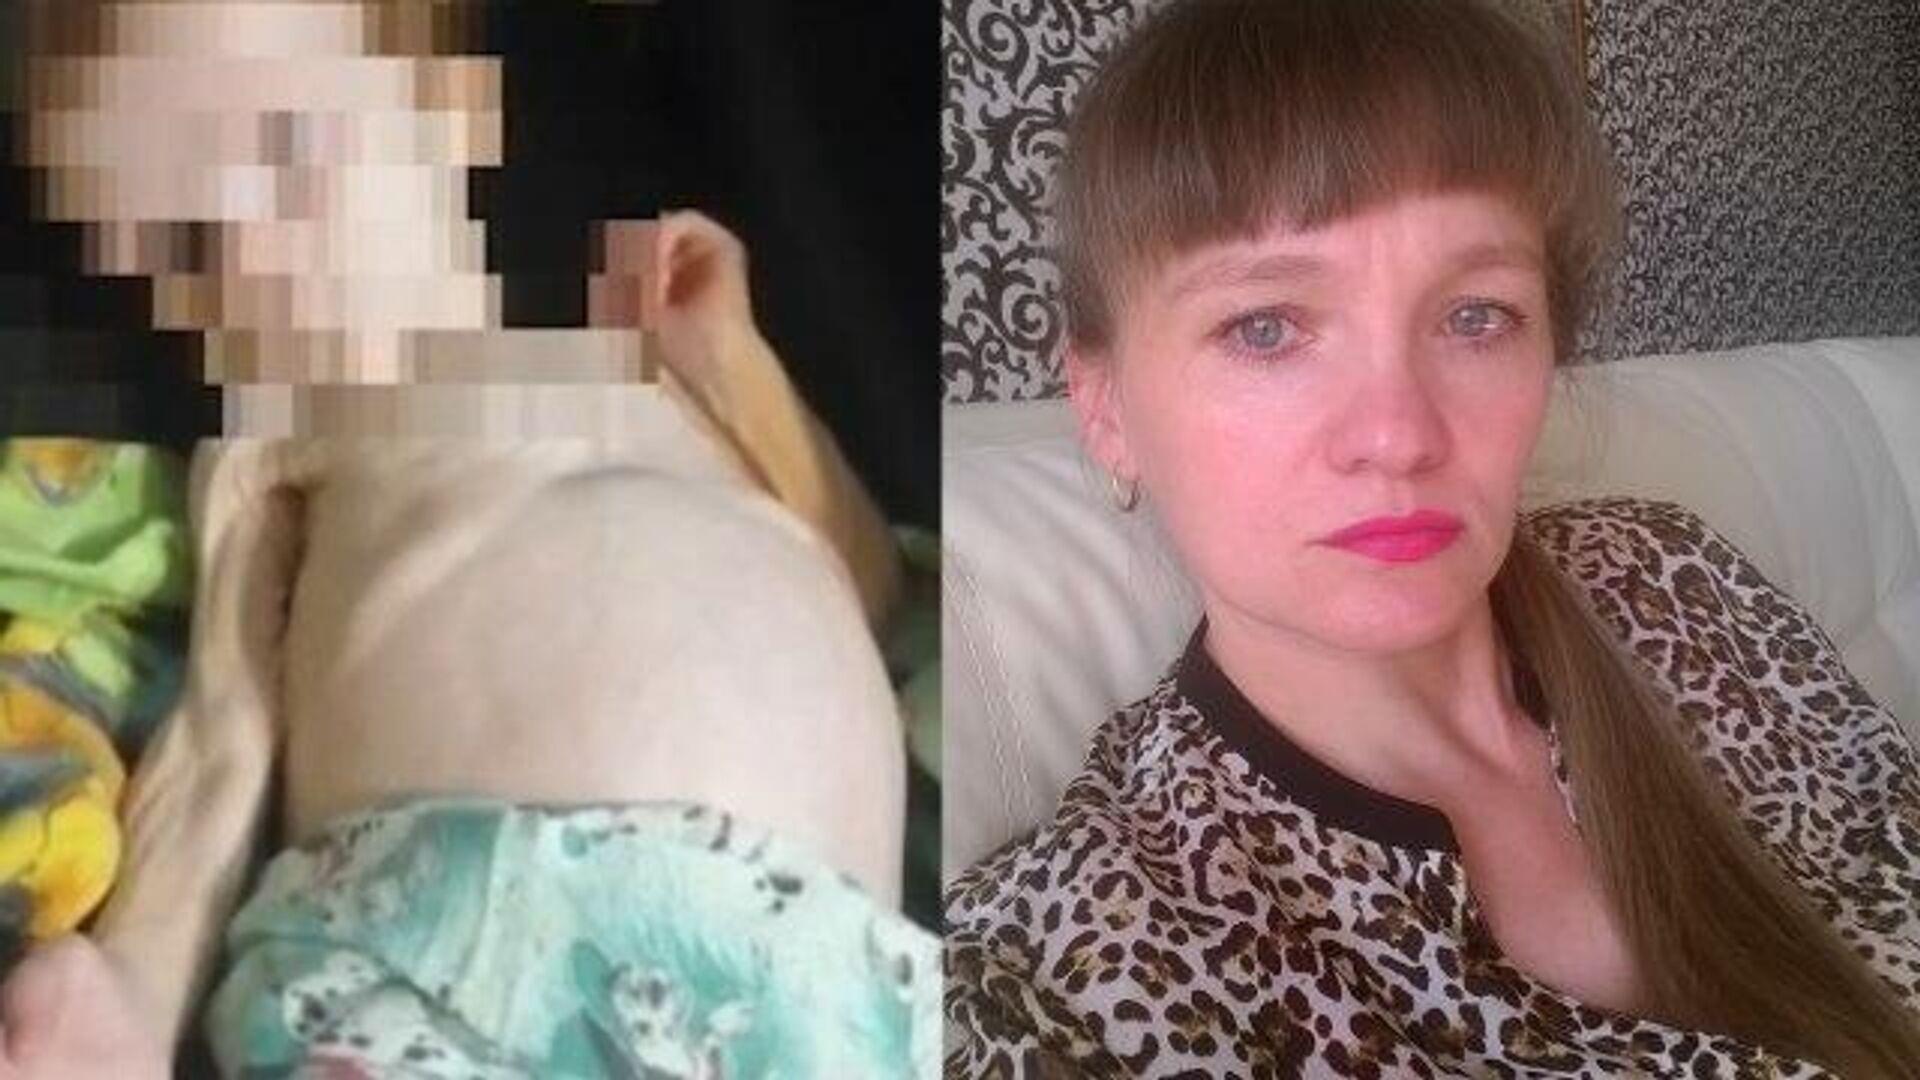 Месть мужу: пять месяцев мать держала новорожденную в шкафу - РИА Новости, 1920, 09.10.2020